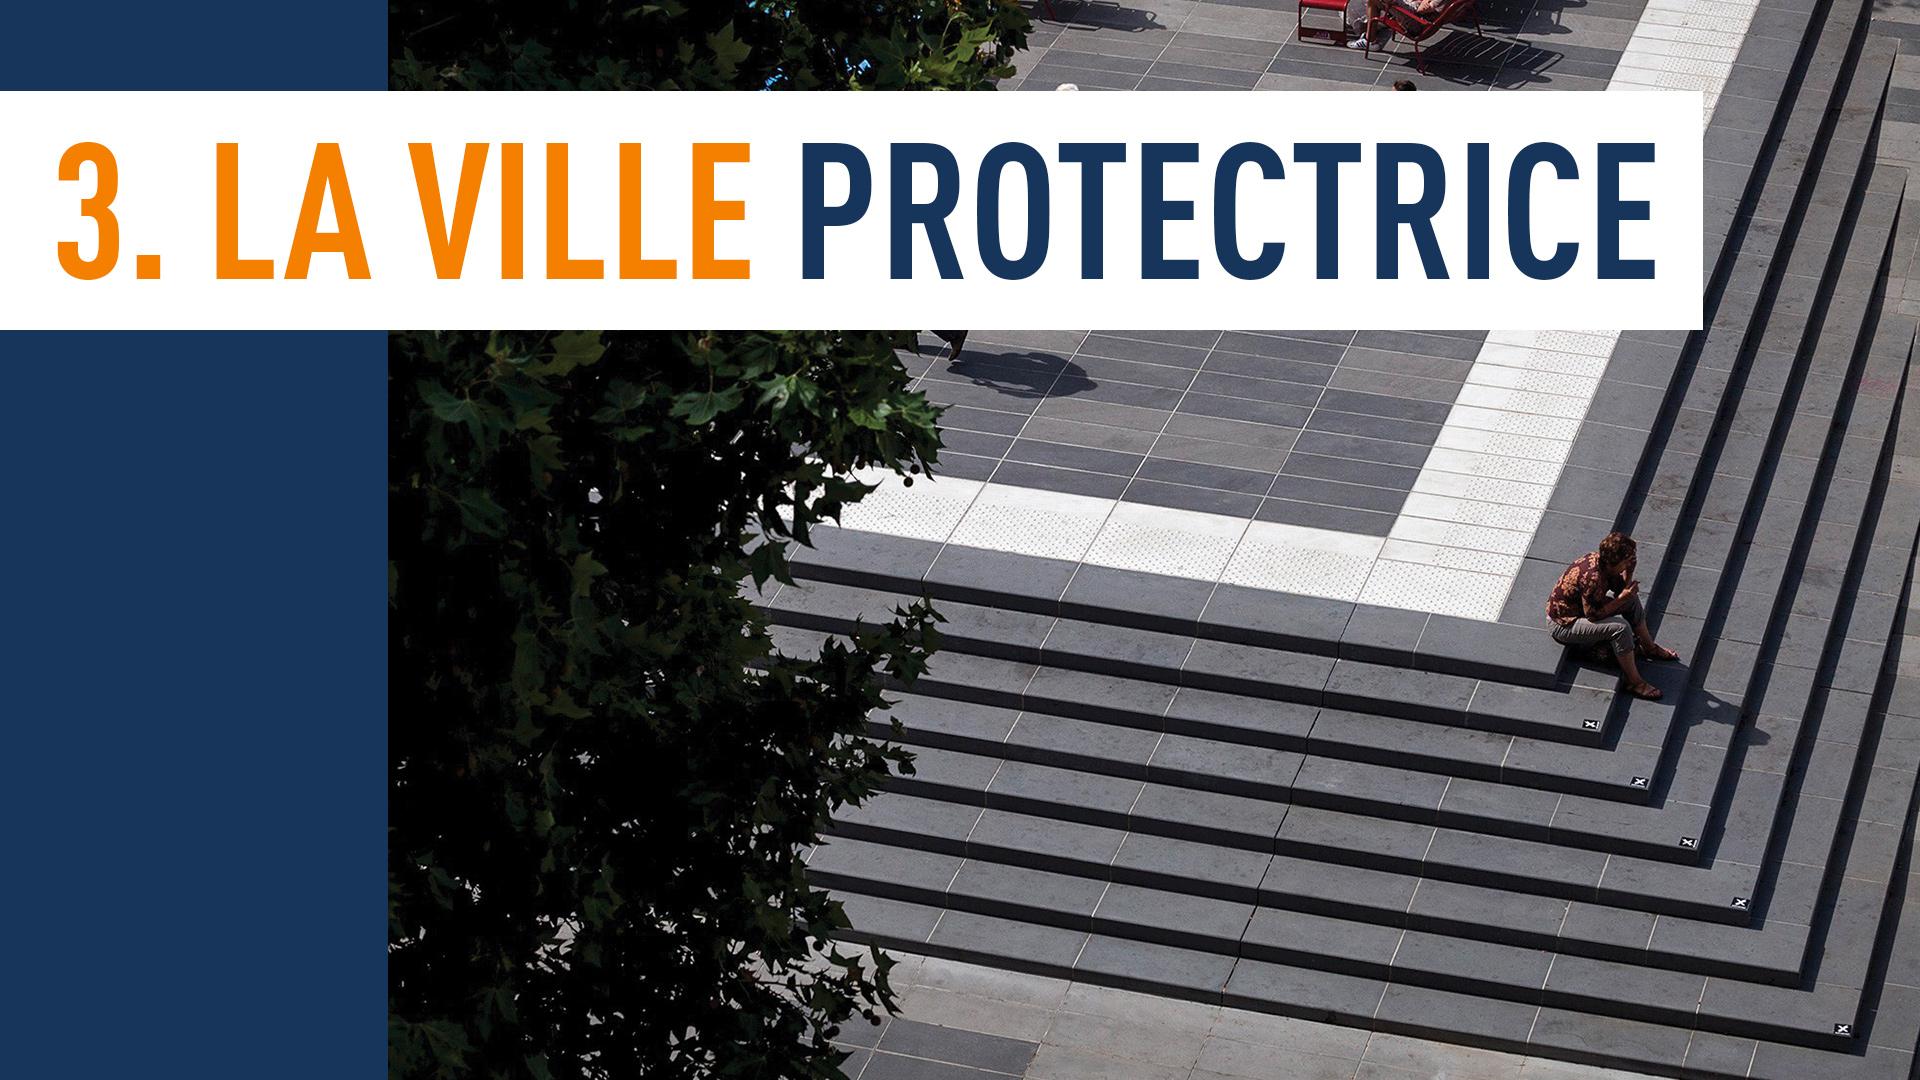 La Ville Protectrice